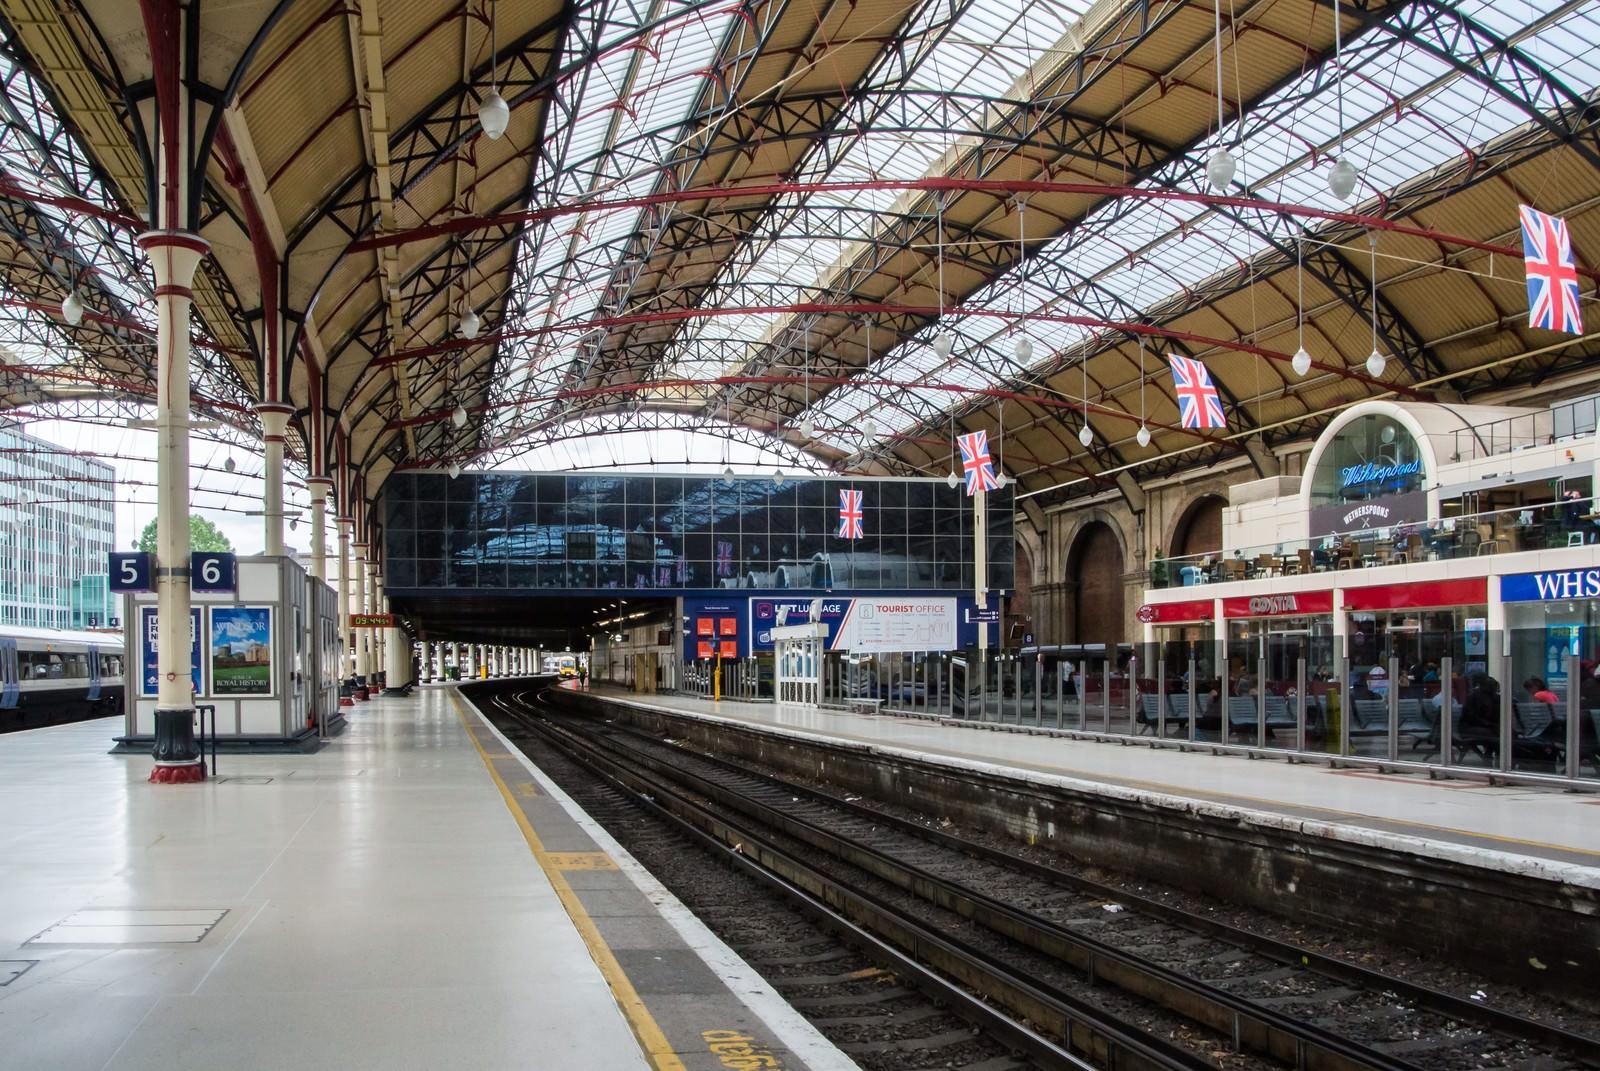 「ユーストン駅のプラットホーム」の写真